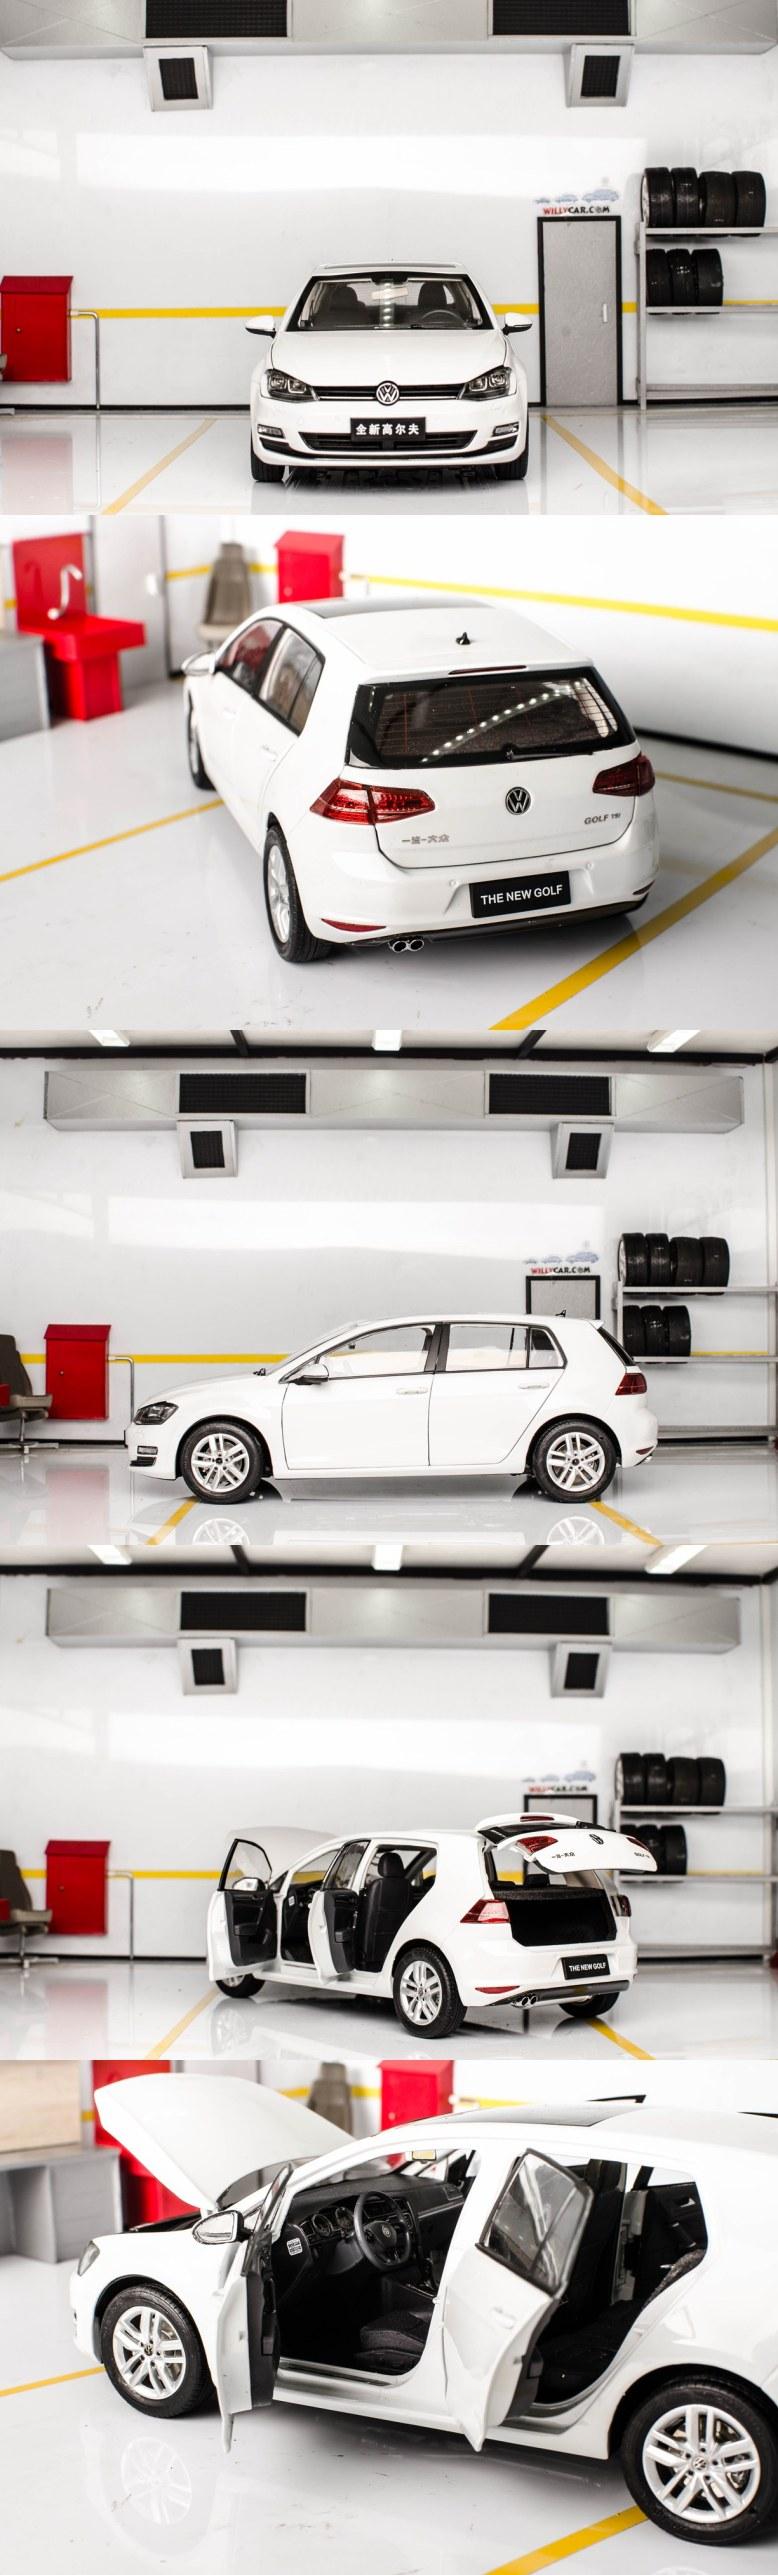 Jual Diecast Miniatur Mobil 1 18 Drive By Passion Bmw X1 Skala Paudi Vw Golf Mk7 Warna Putih Harga 1450000